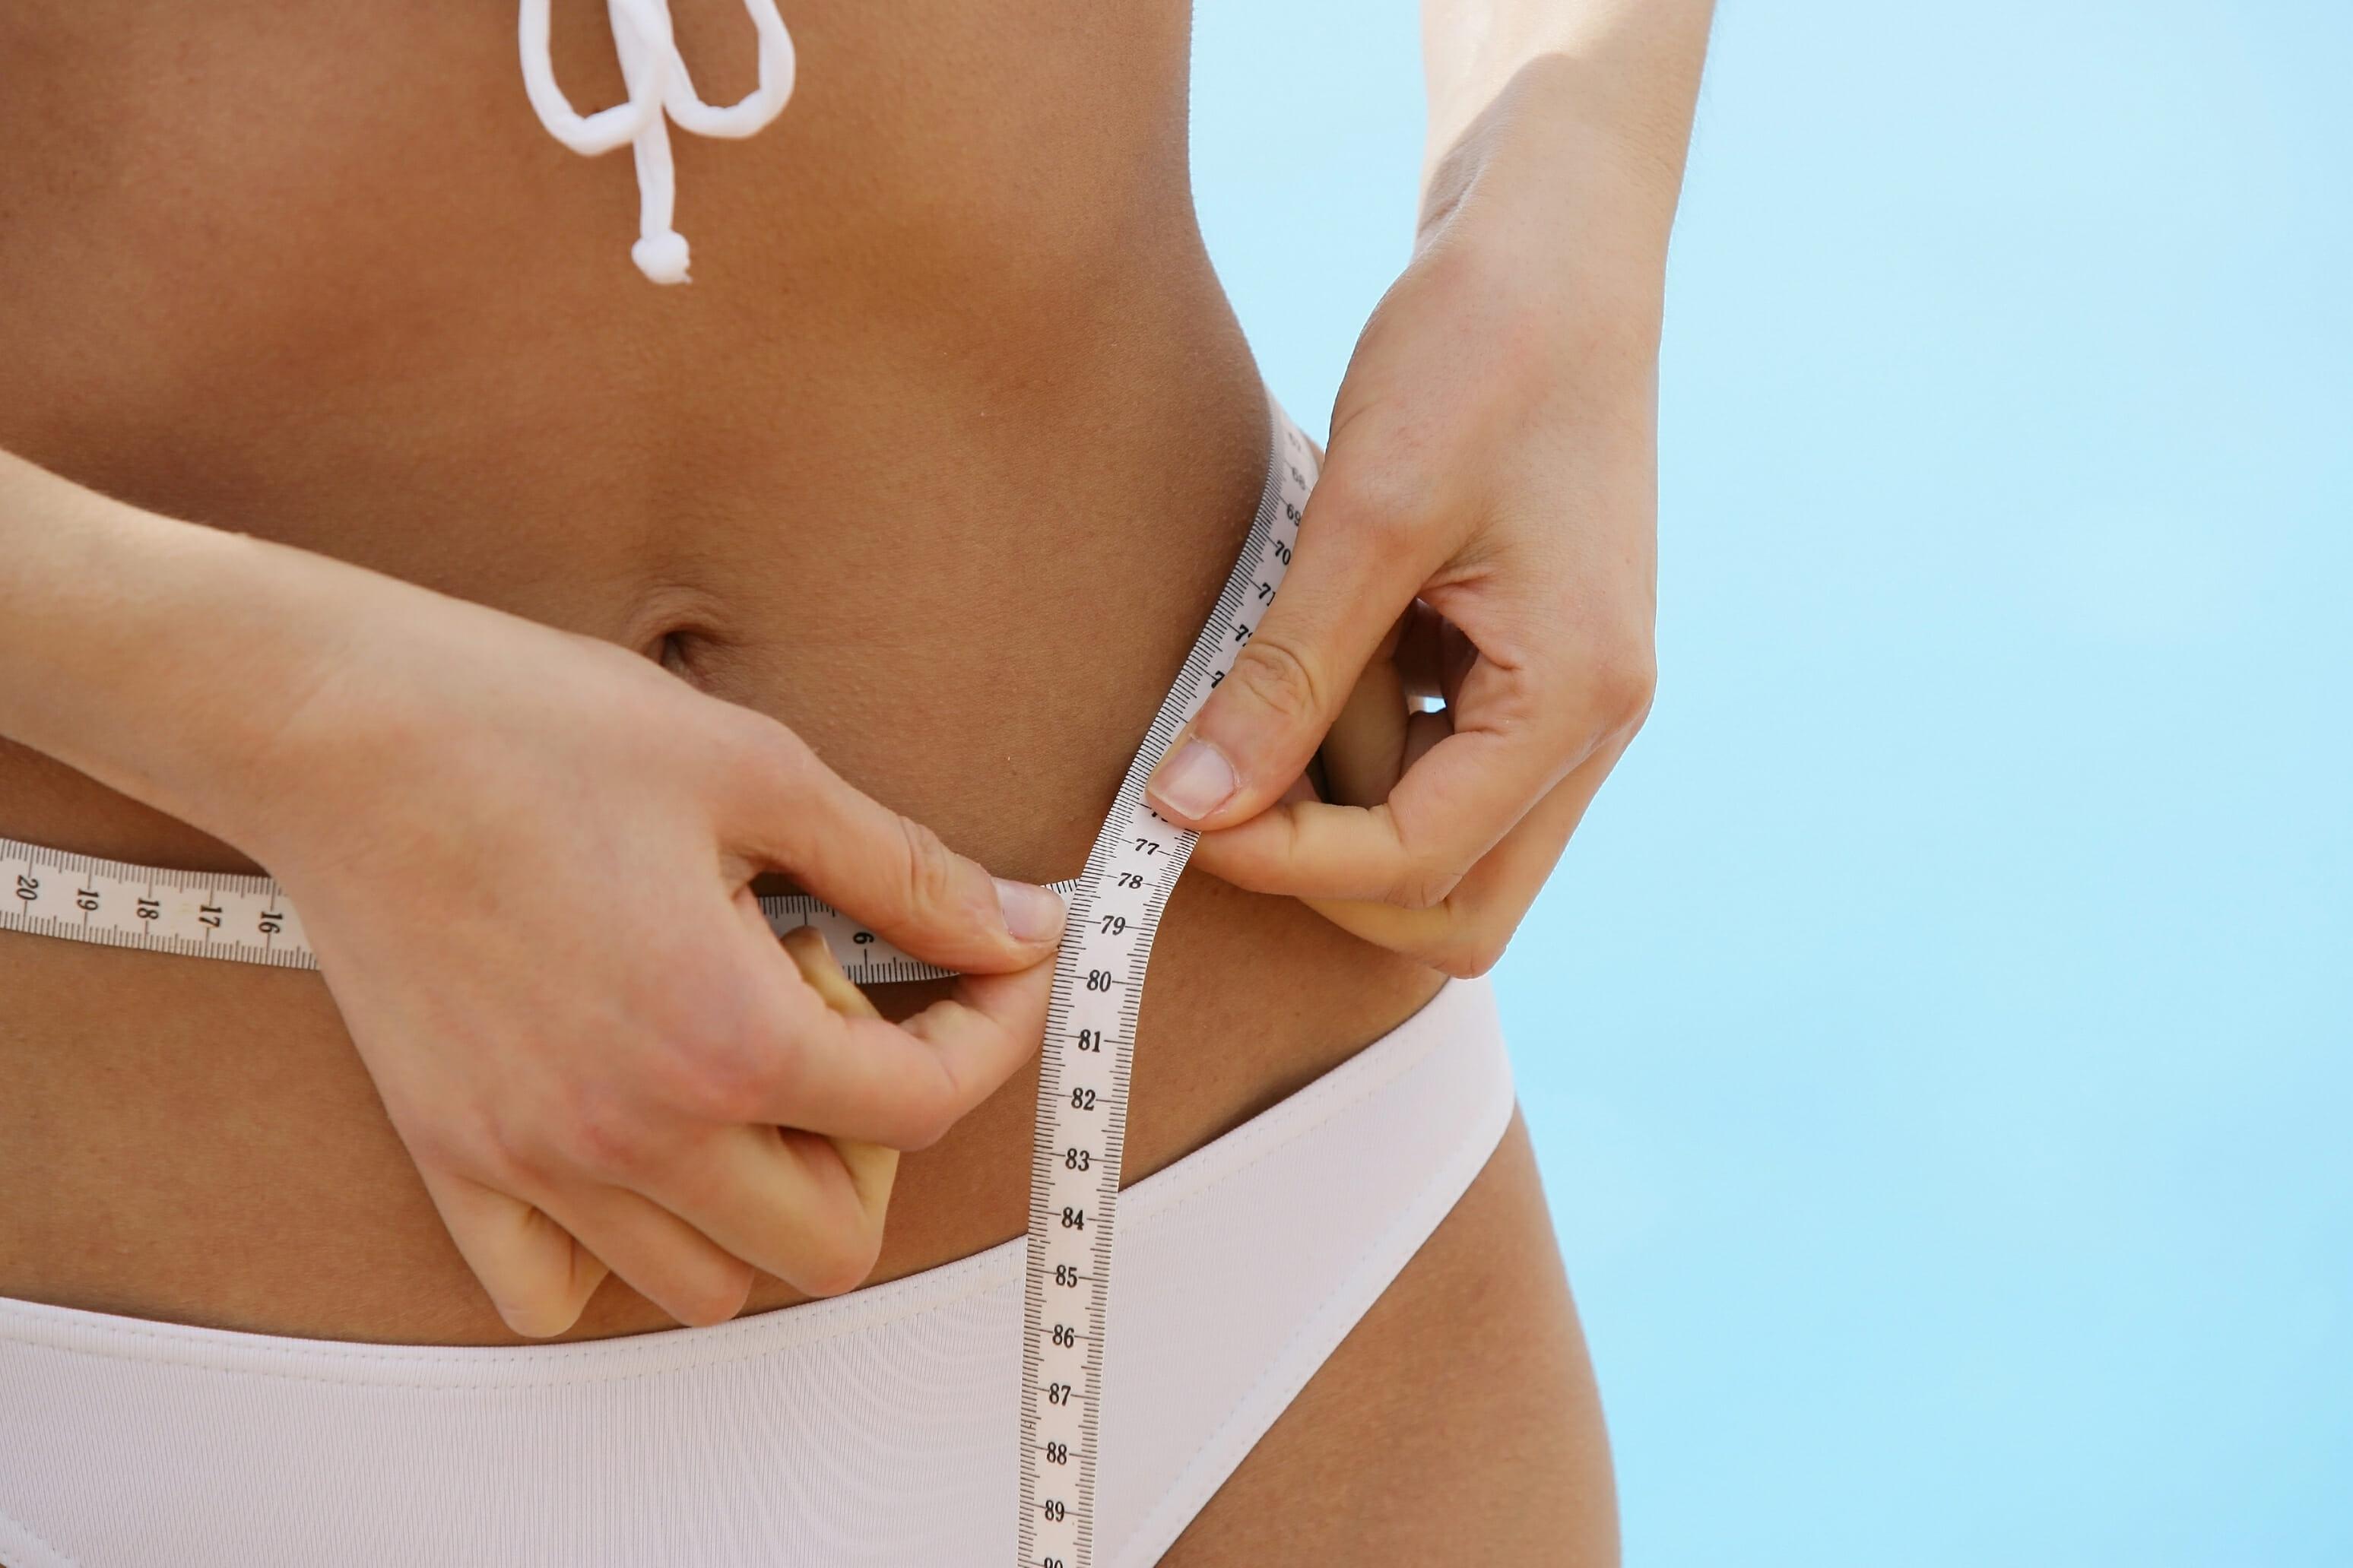 maigrir 20 kg en 3 mois gratuit